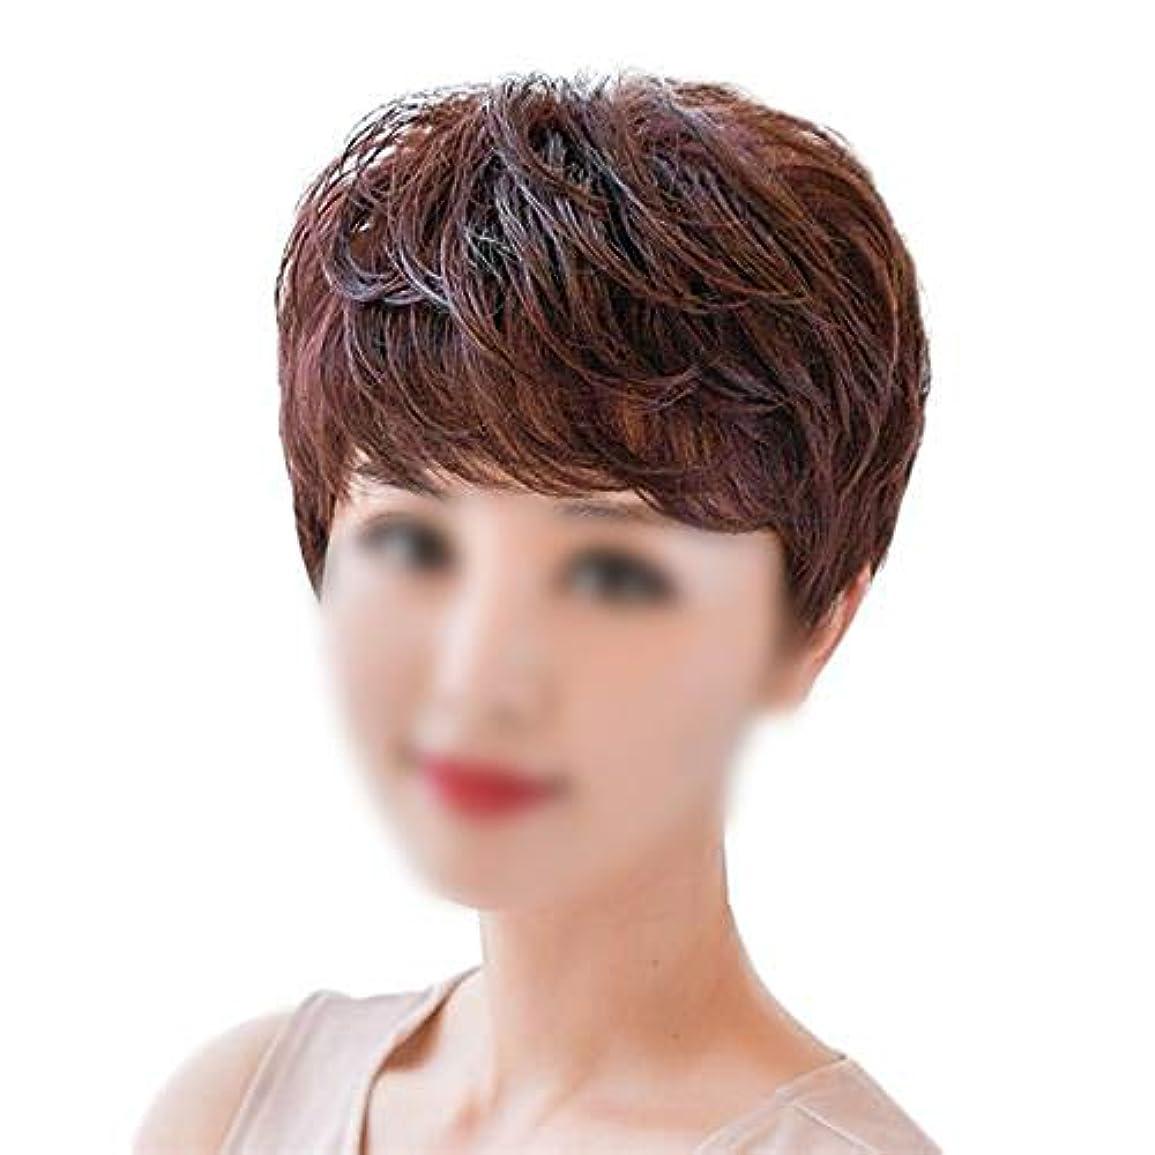 しばしば編集者騒ぎYOUQIU 母のギフトかつらのために女性のふわふわナチュラルショートカーリーヘア手織りの実ヘアウィッグ (色 : Dark brown)